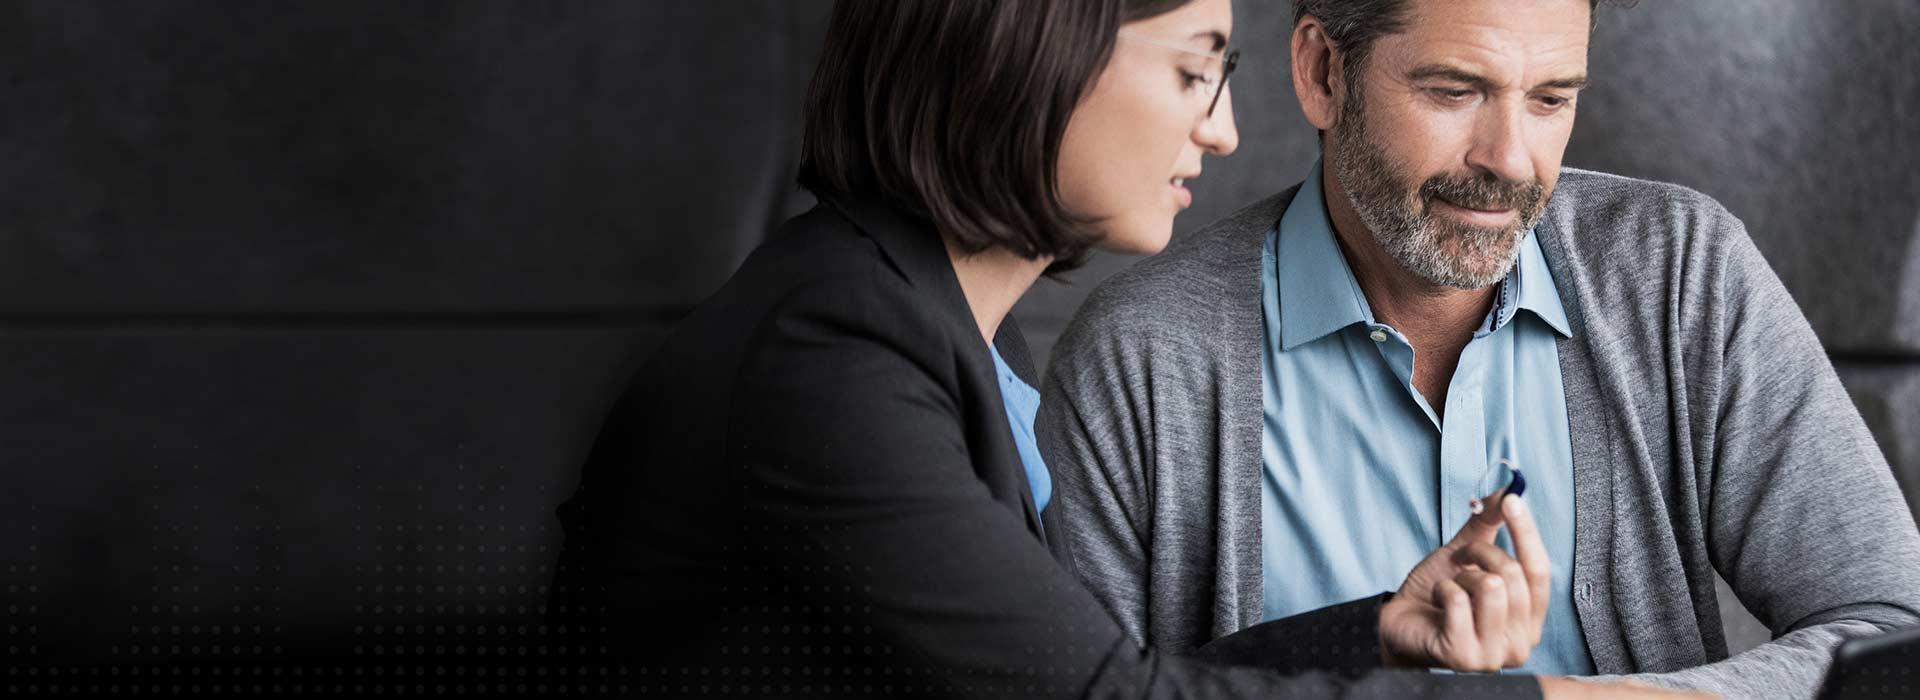 Un uomo si siede con un acustico e guarda l'Oticon Opn